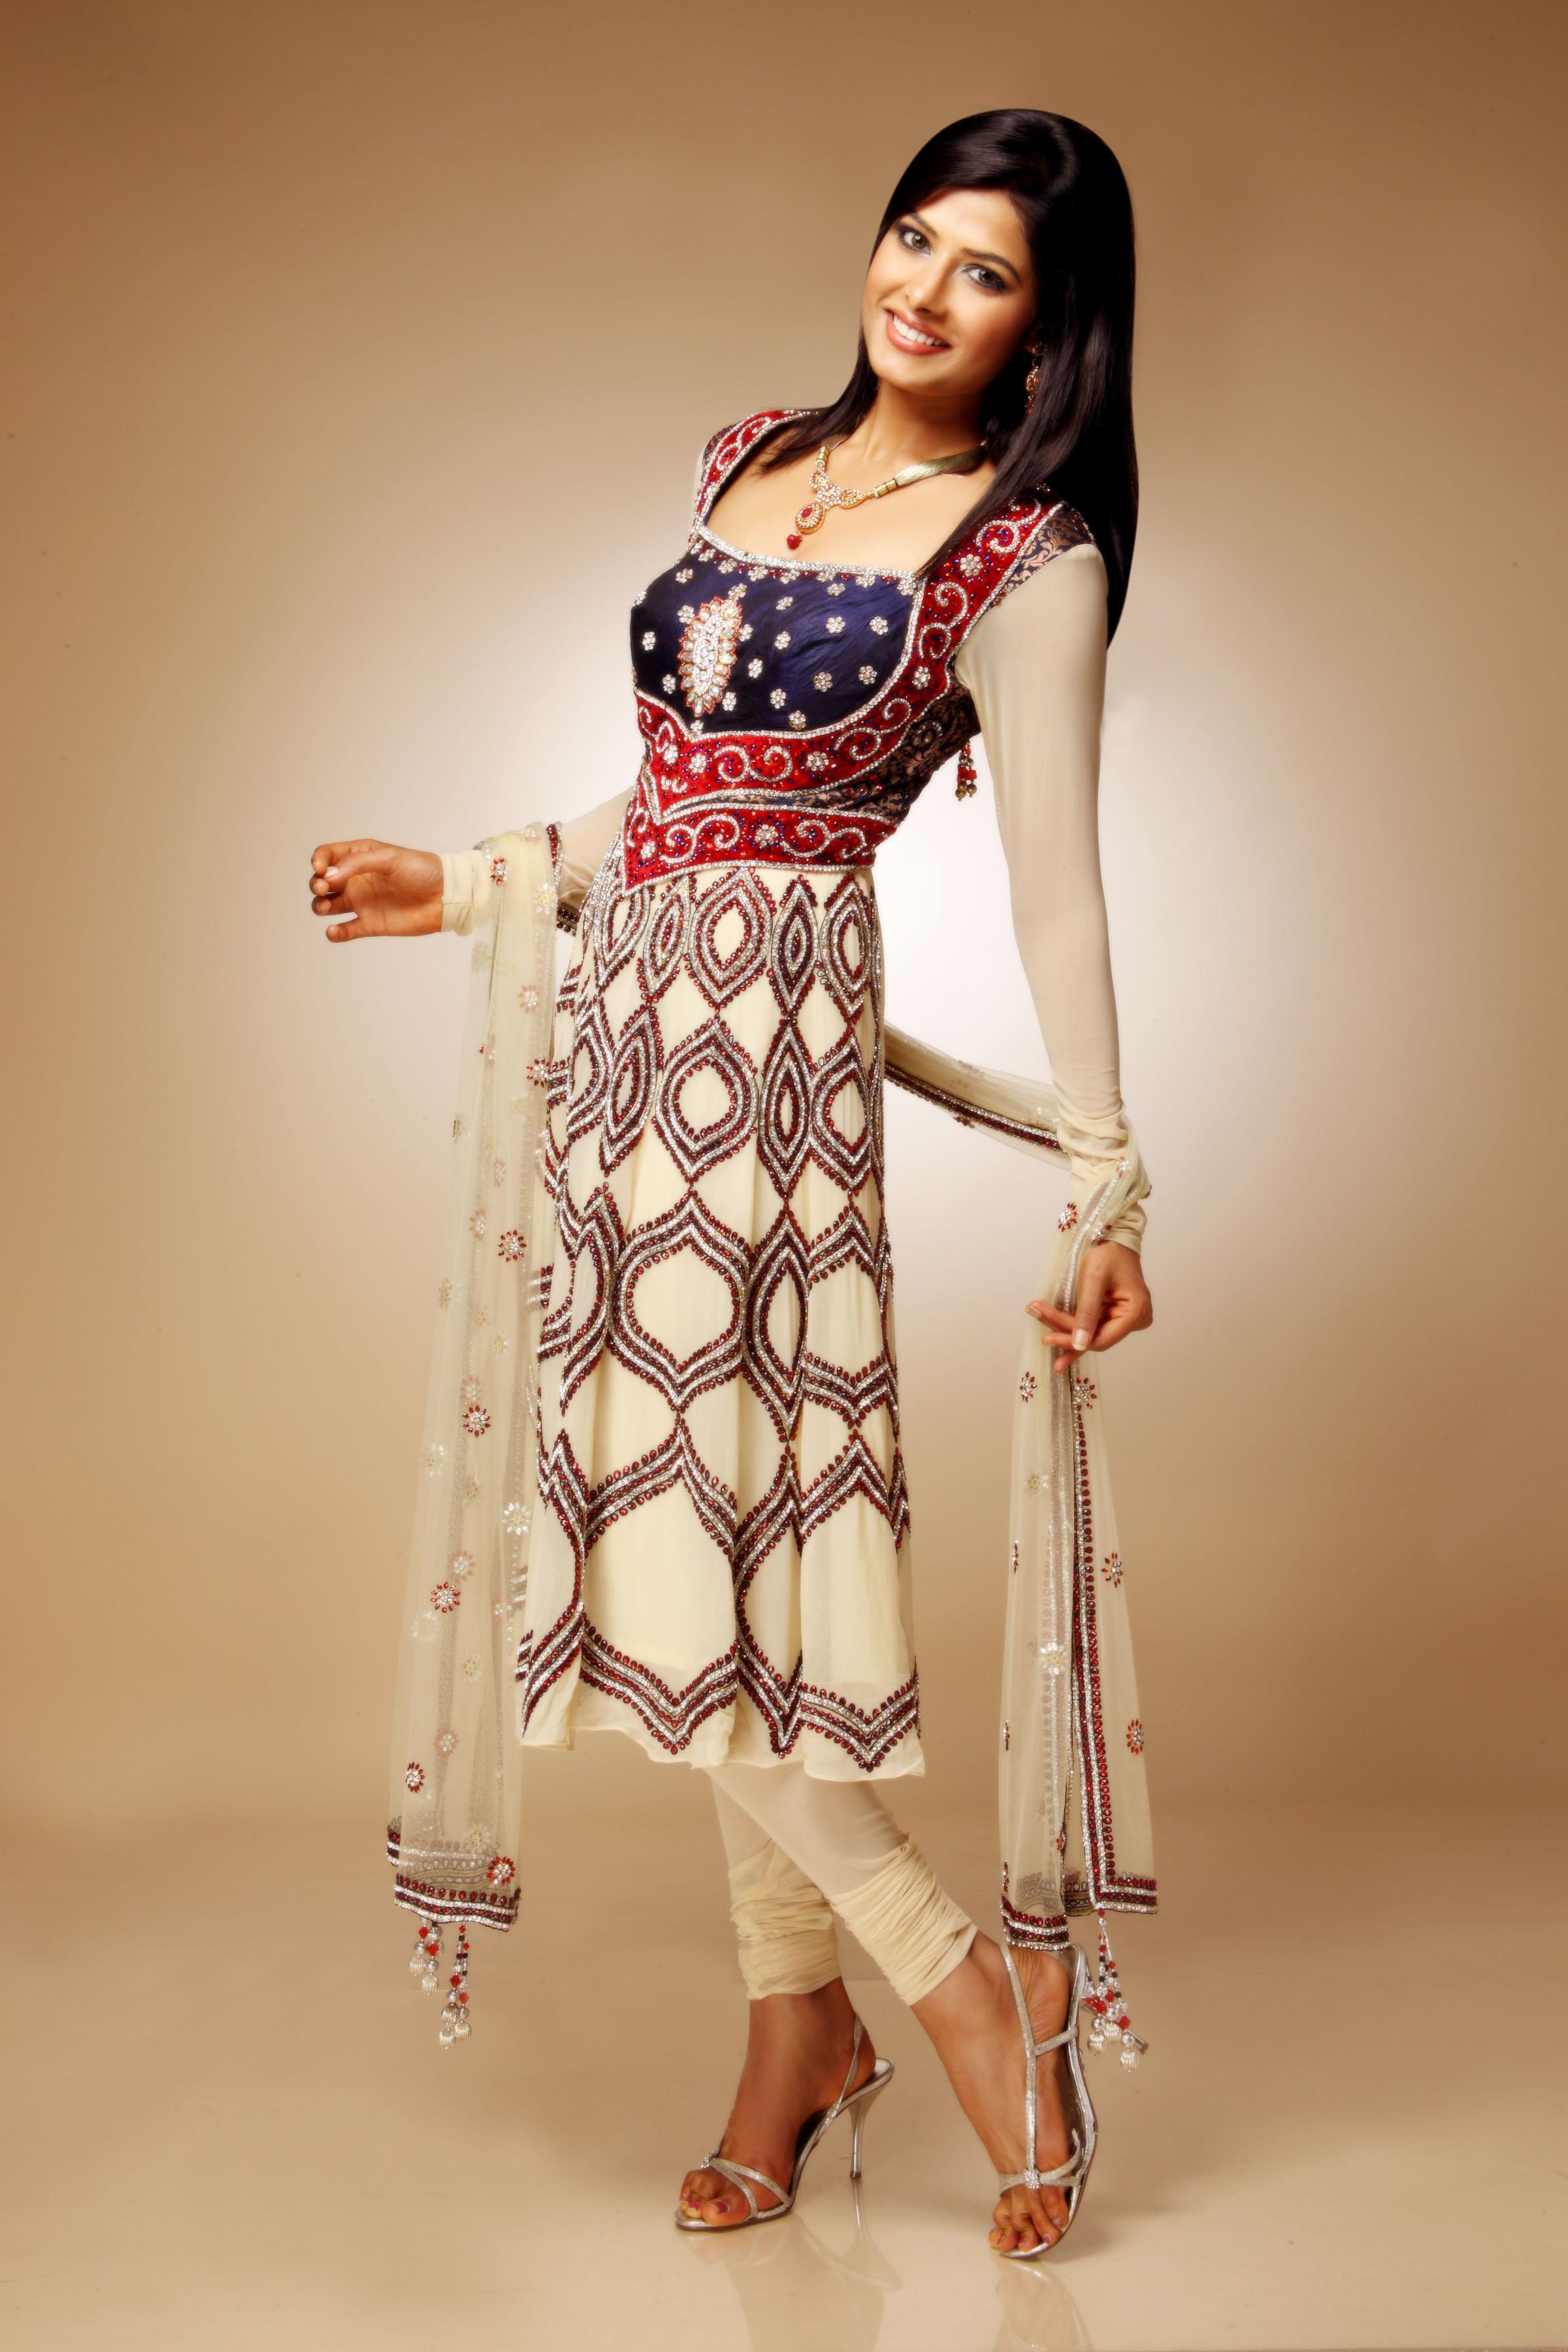 Shalwar Kameez USA 2012 0 CommentsDesigner Salwar Kameez 2012